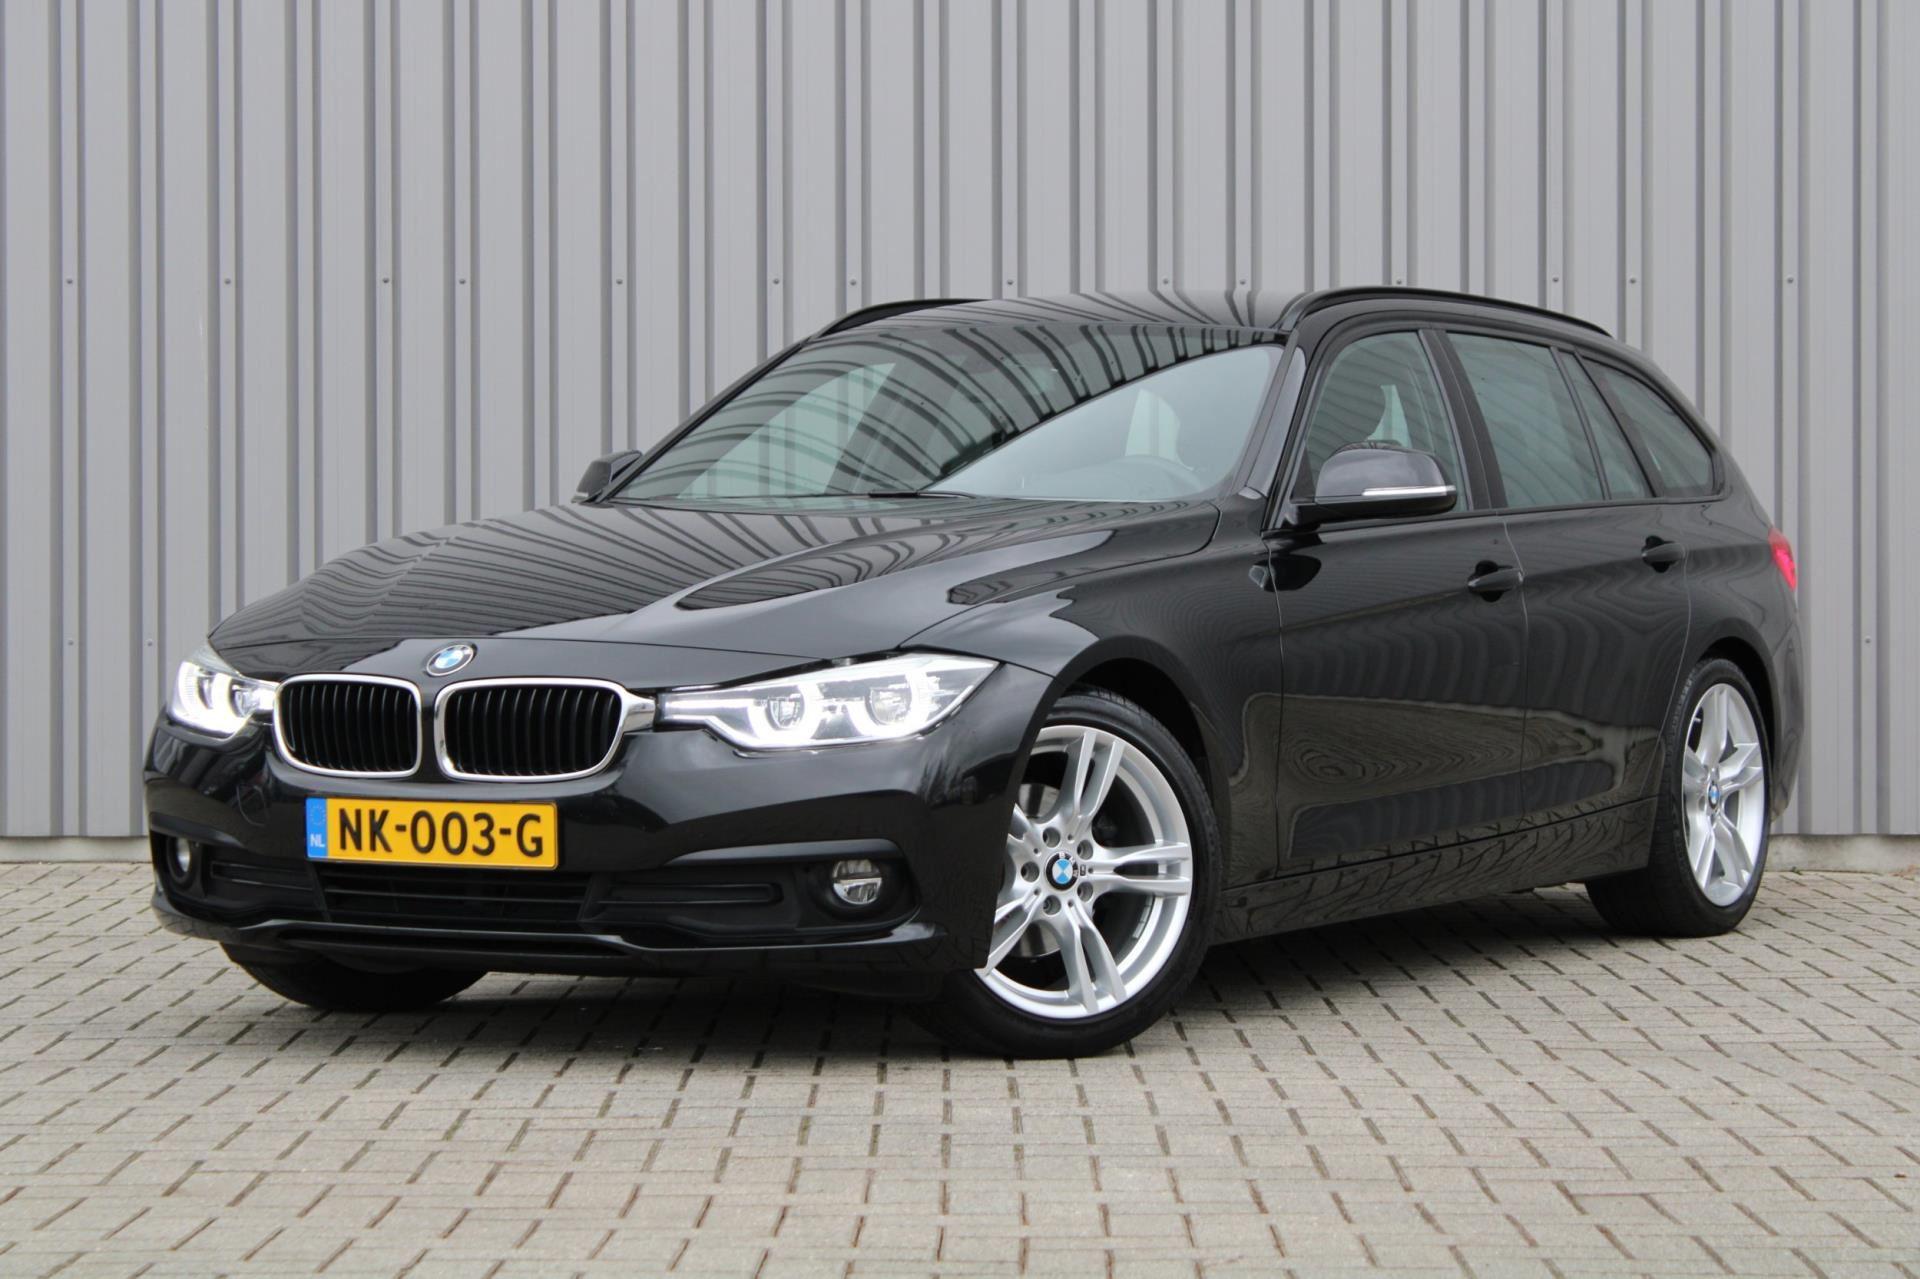 BMW 3-serie Touring occasion - Autobedrijf Van De Klundert